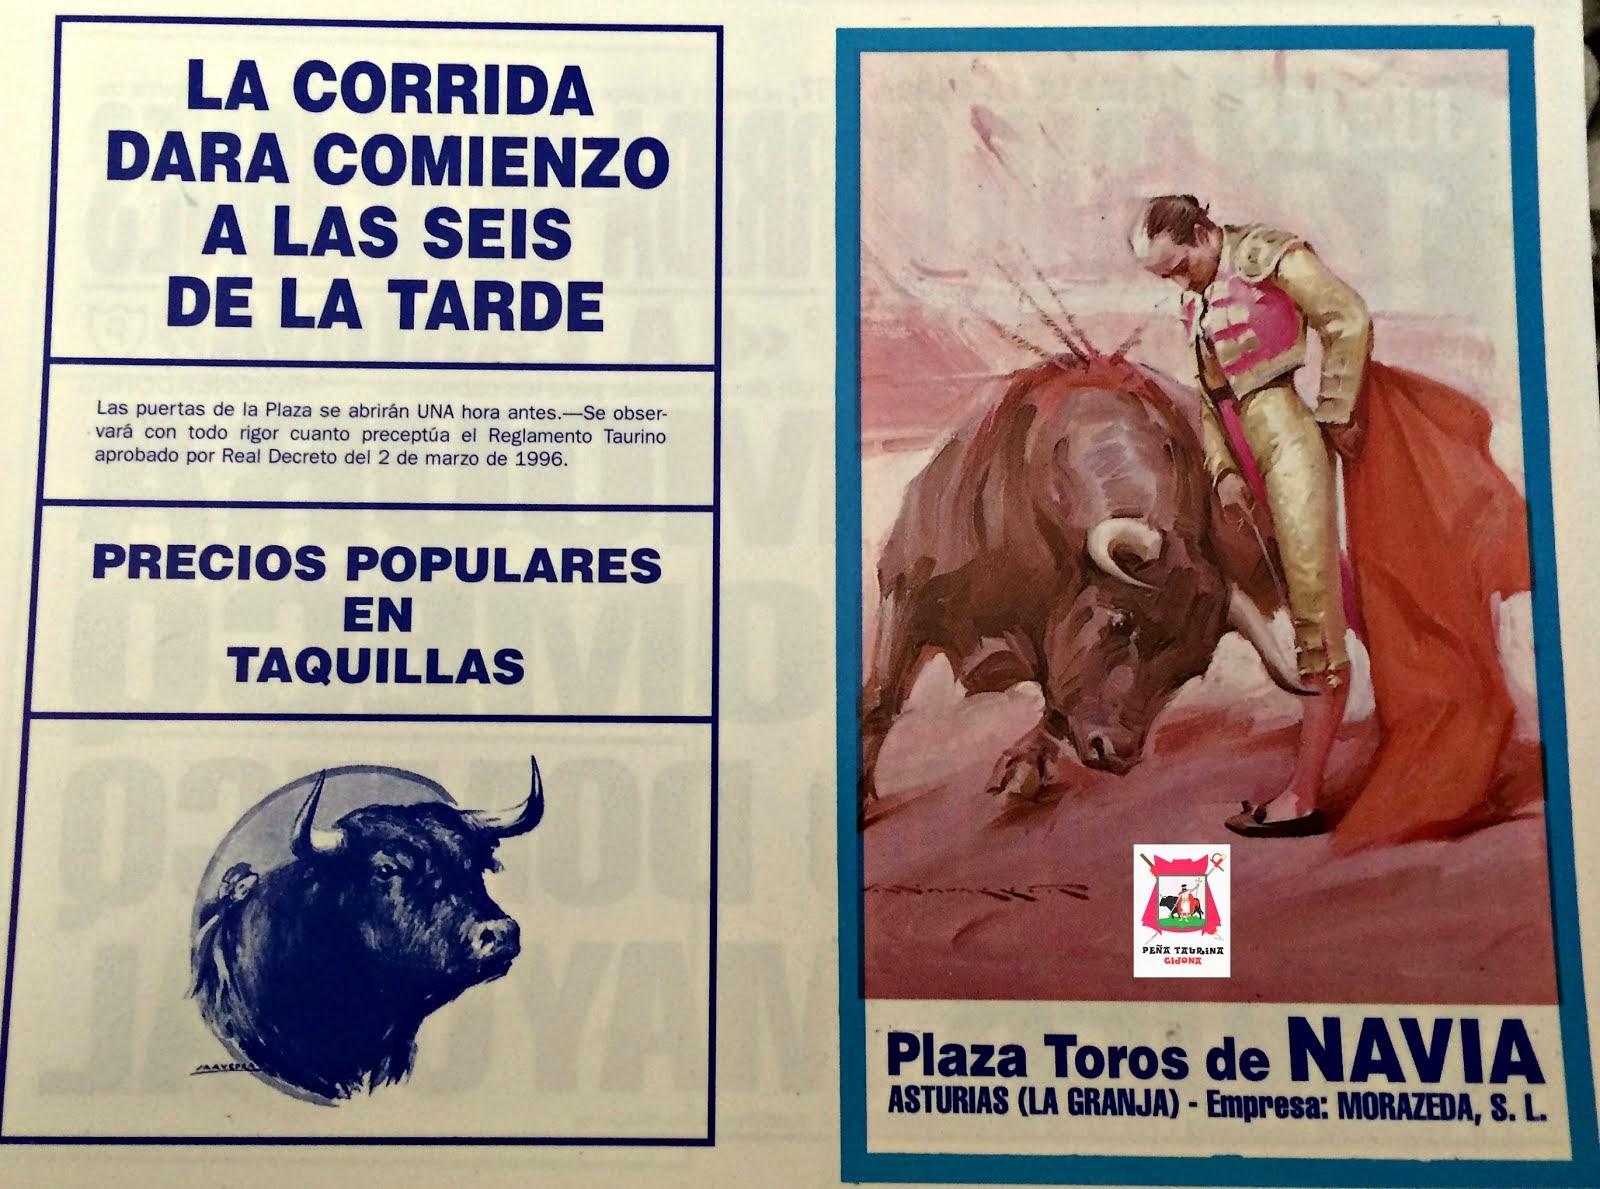 navia(asturias) toros